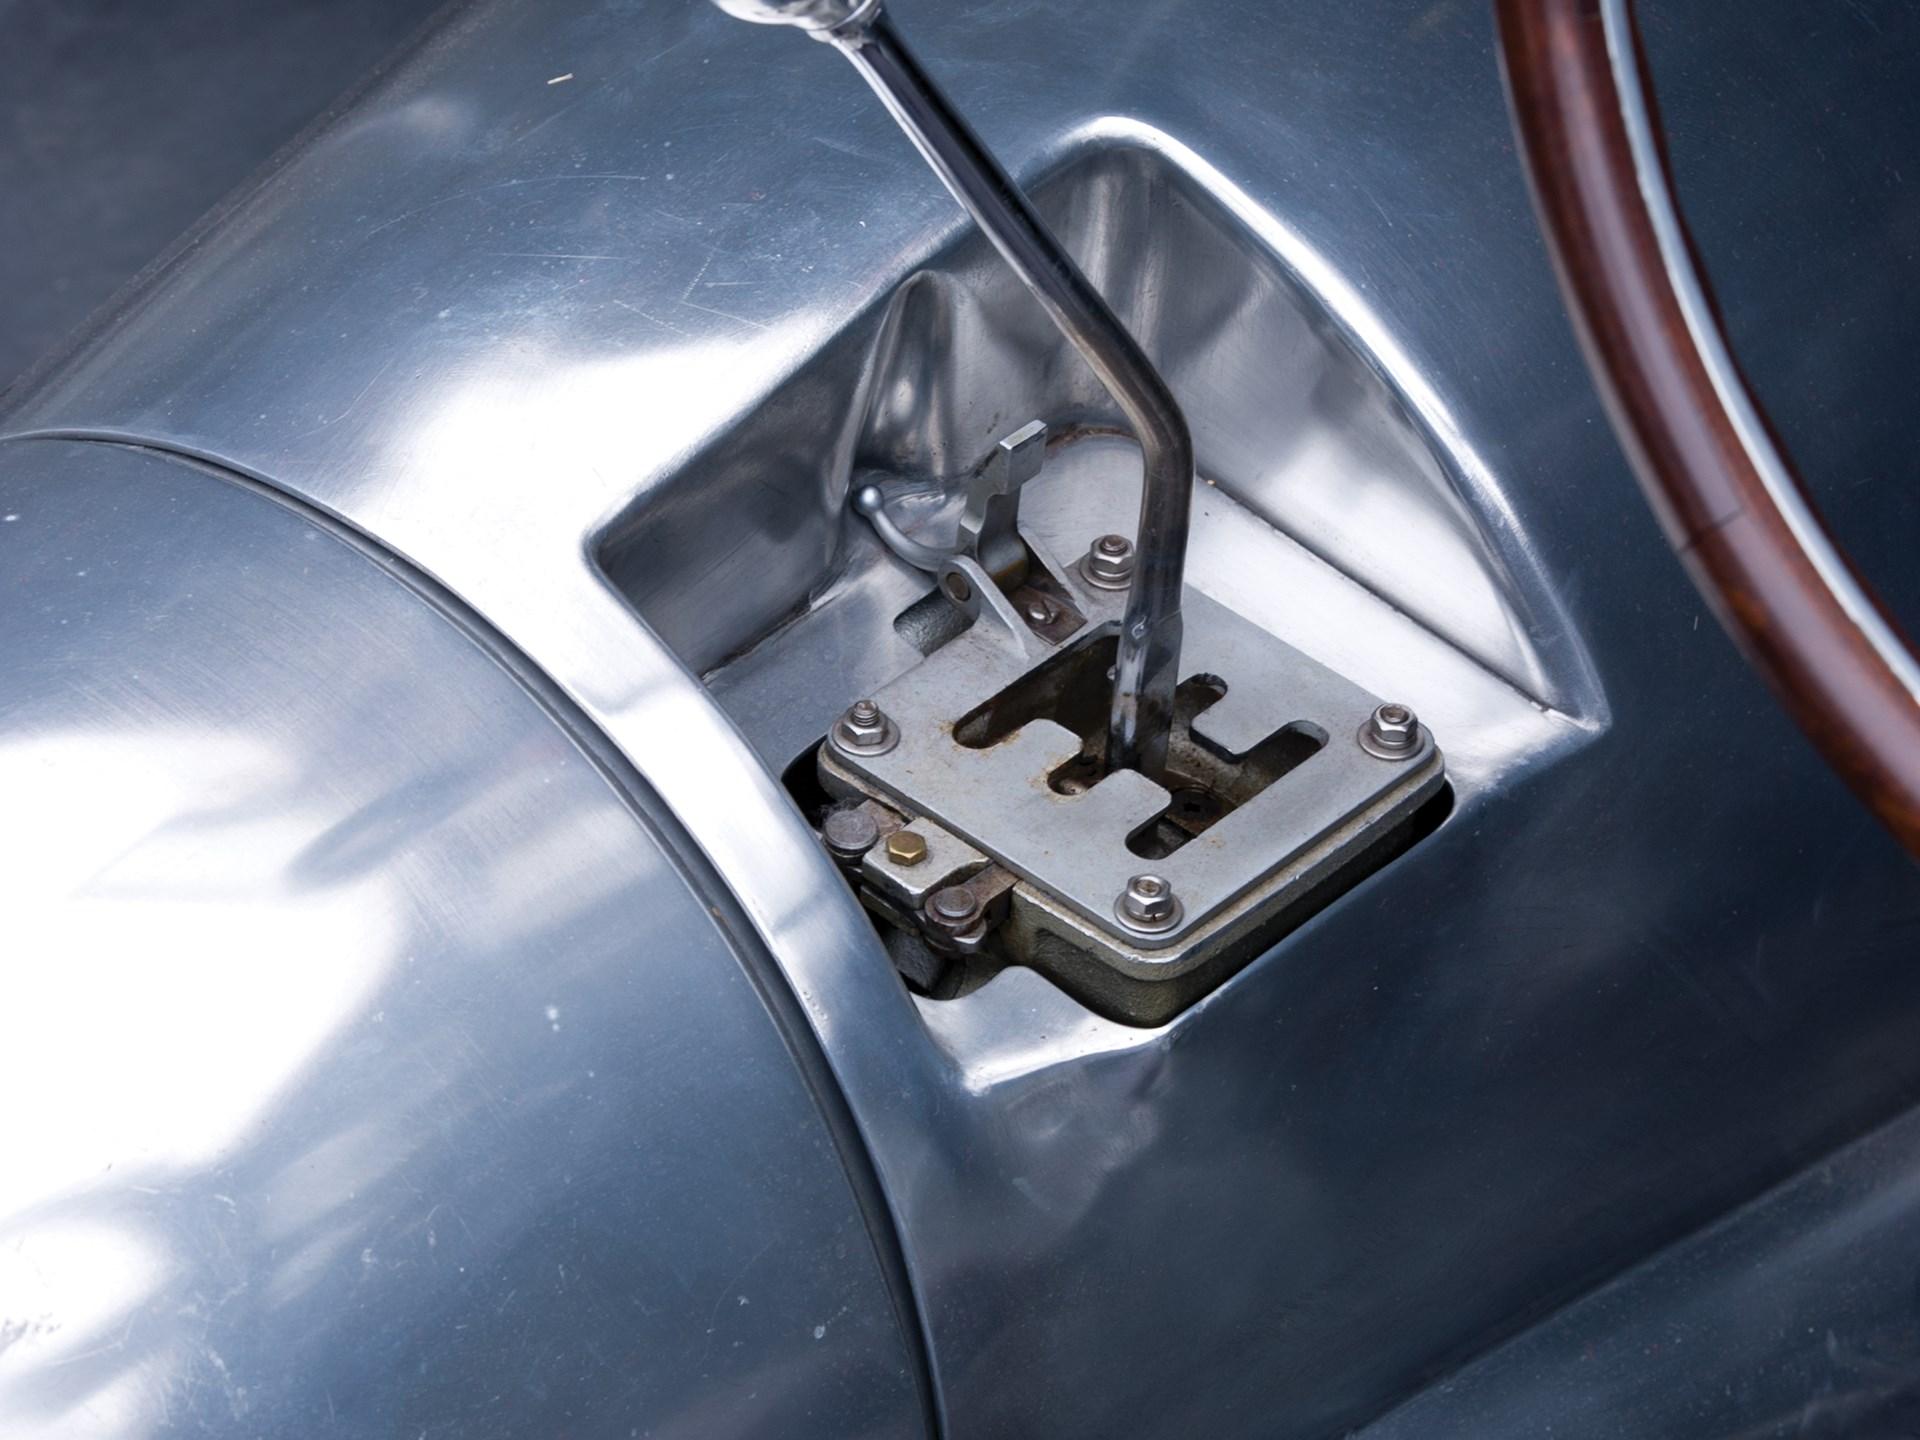 1957 Maserati 250S by Fantuzzi